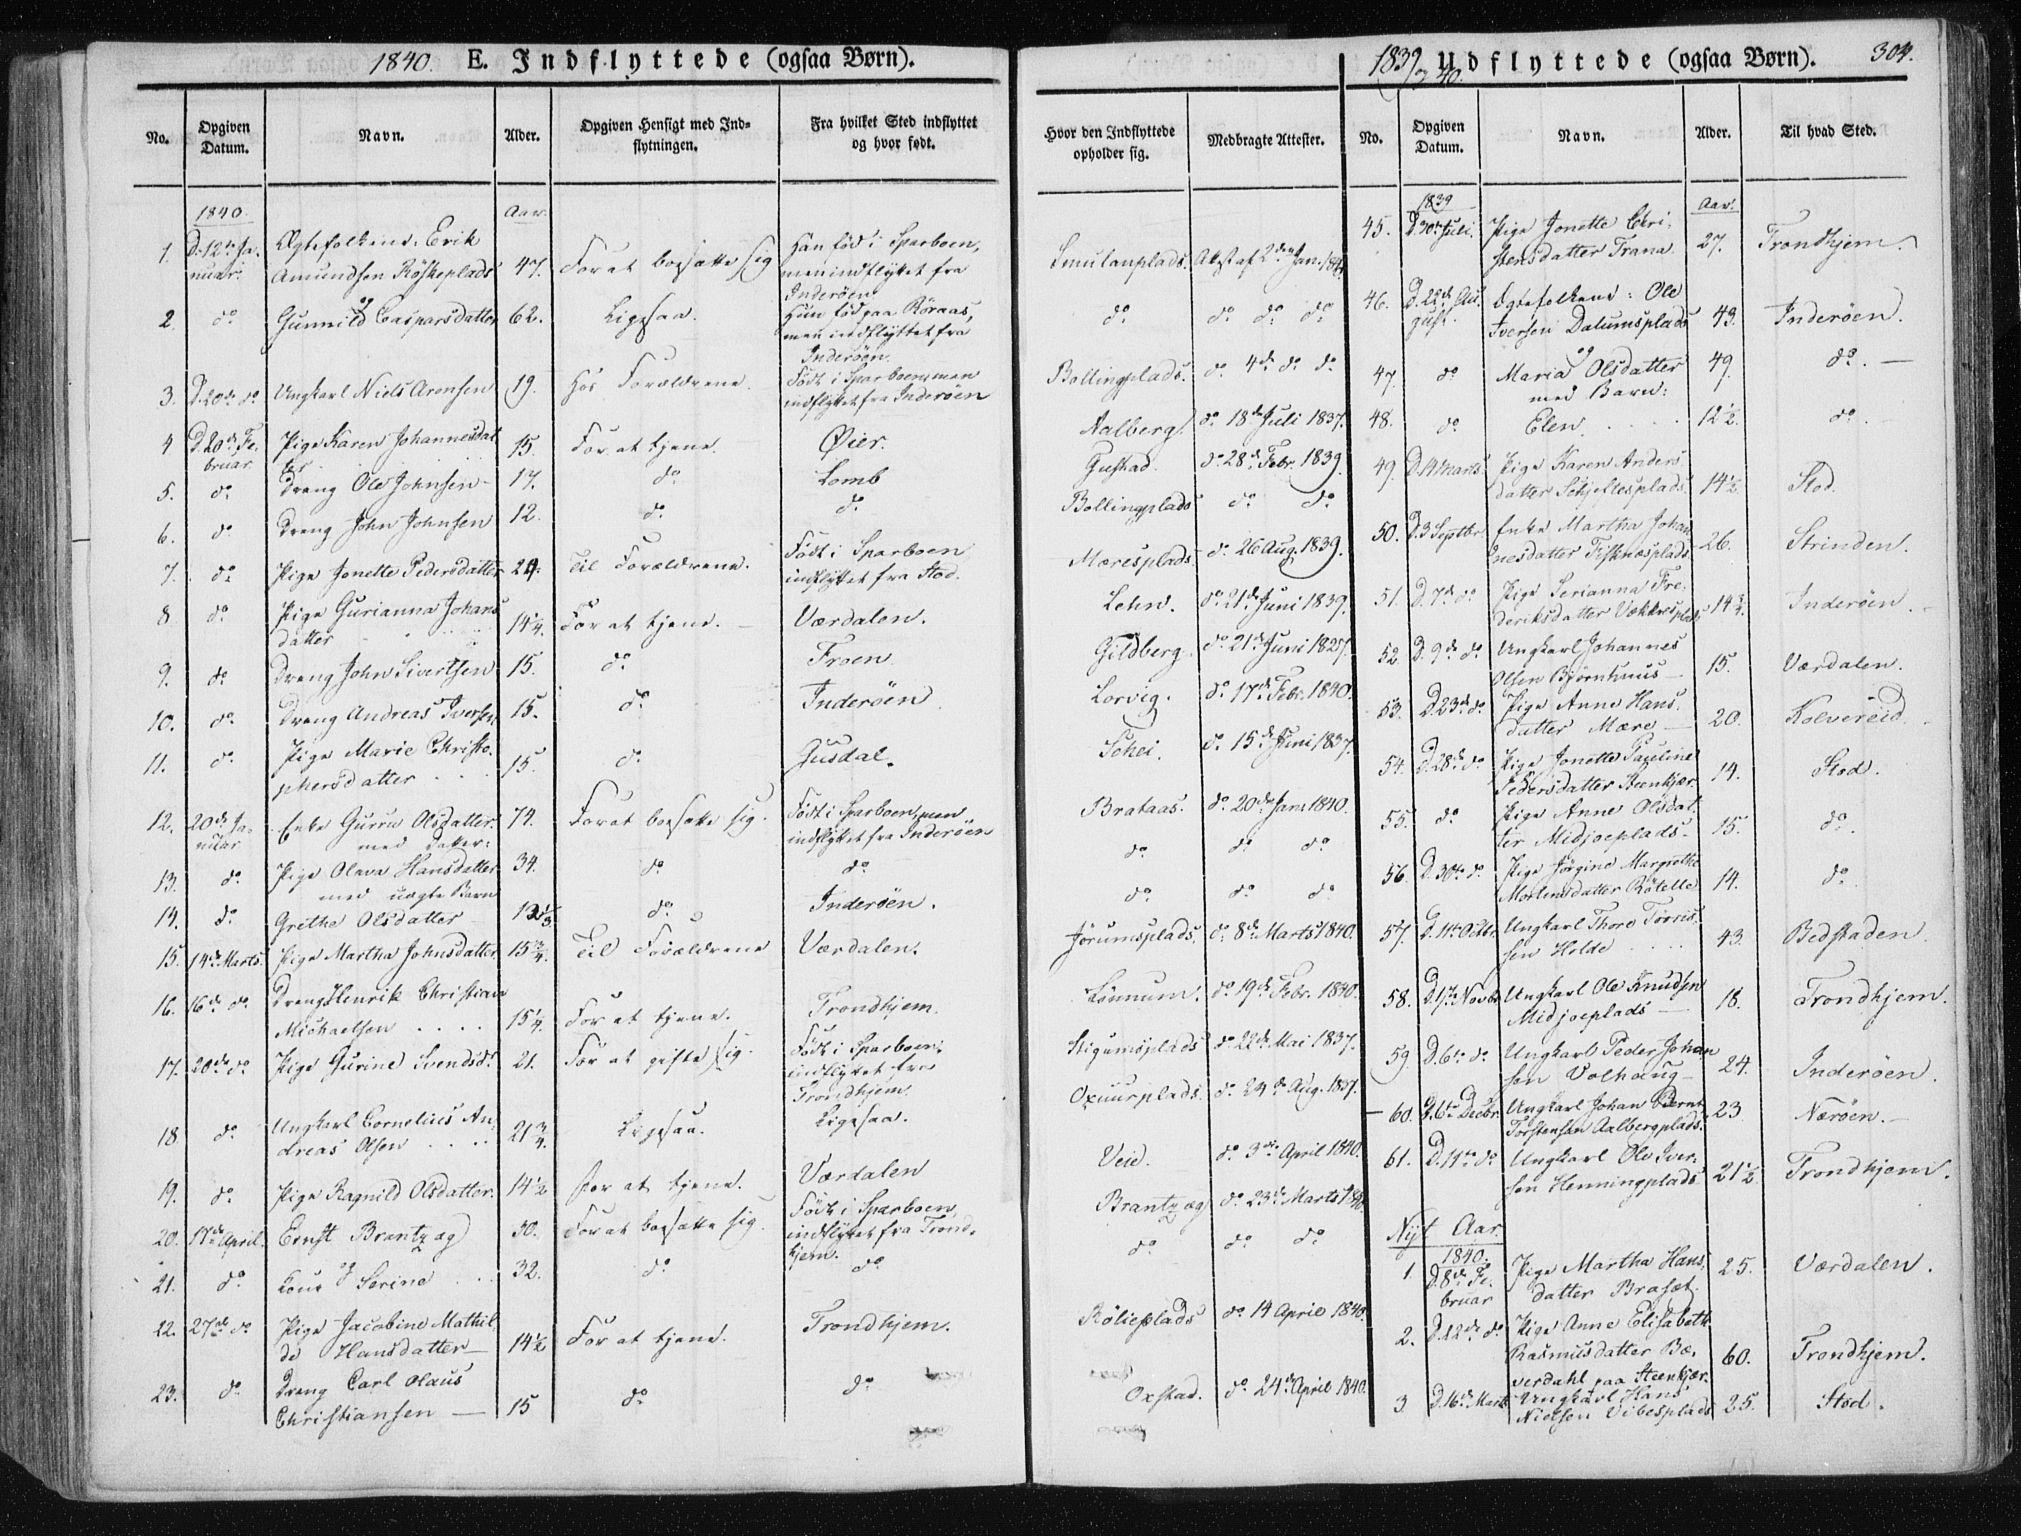 SAT, Ministerialprotokoller, klokkerbøker og fødselsregistre - Nord-Trøndelag, 735/L0339: Ministerialbok nr. 735A06 /1, 1836-1848, s. 304